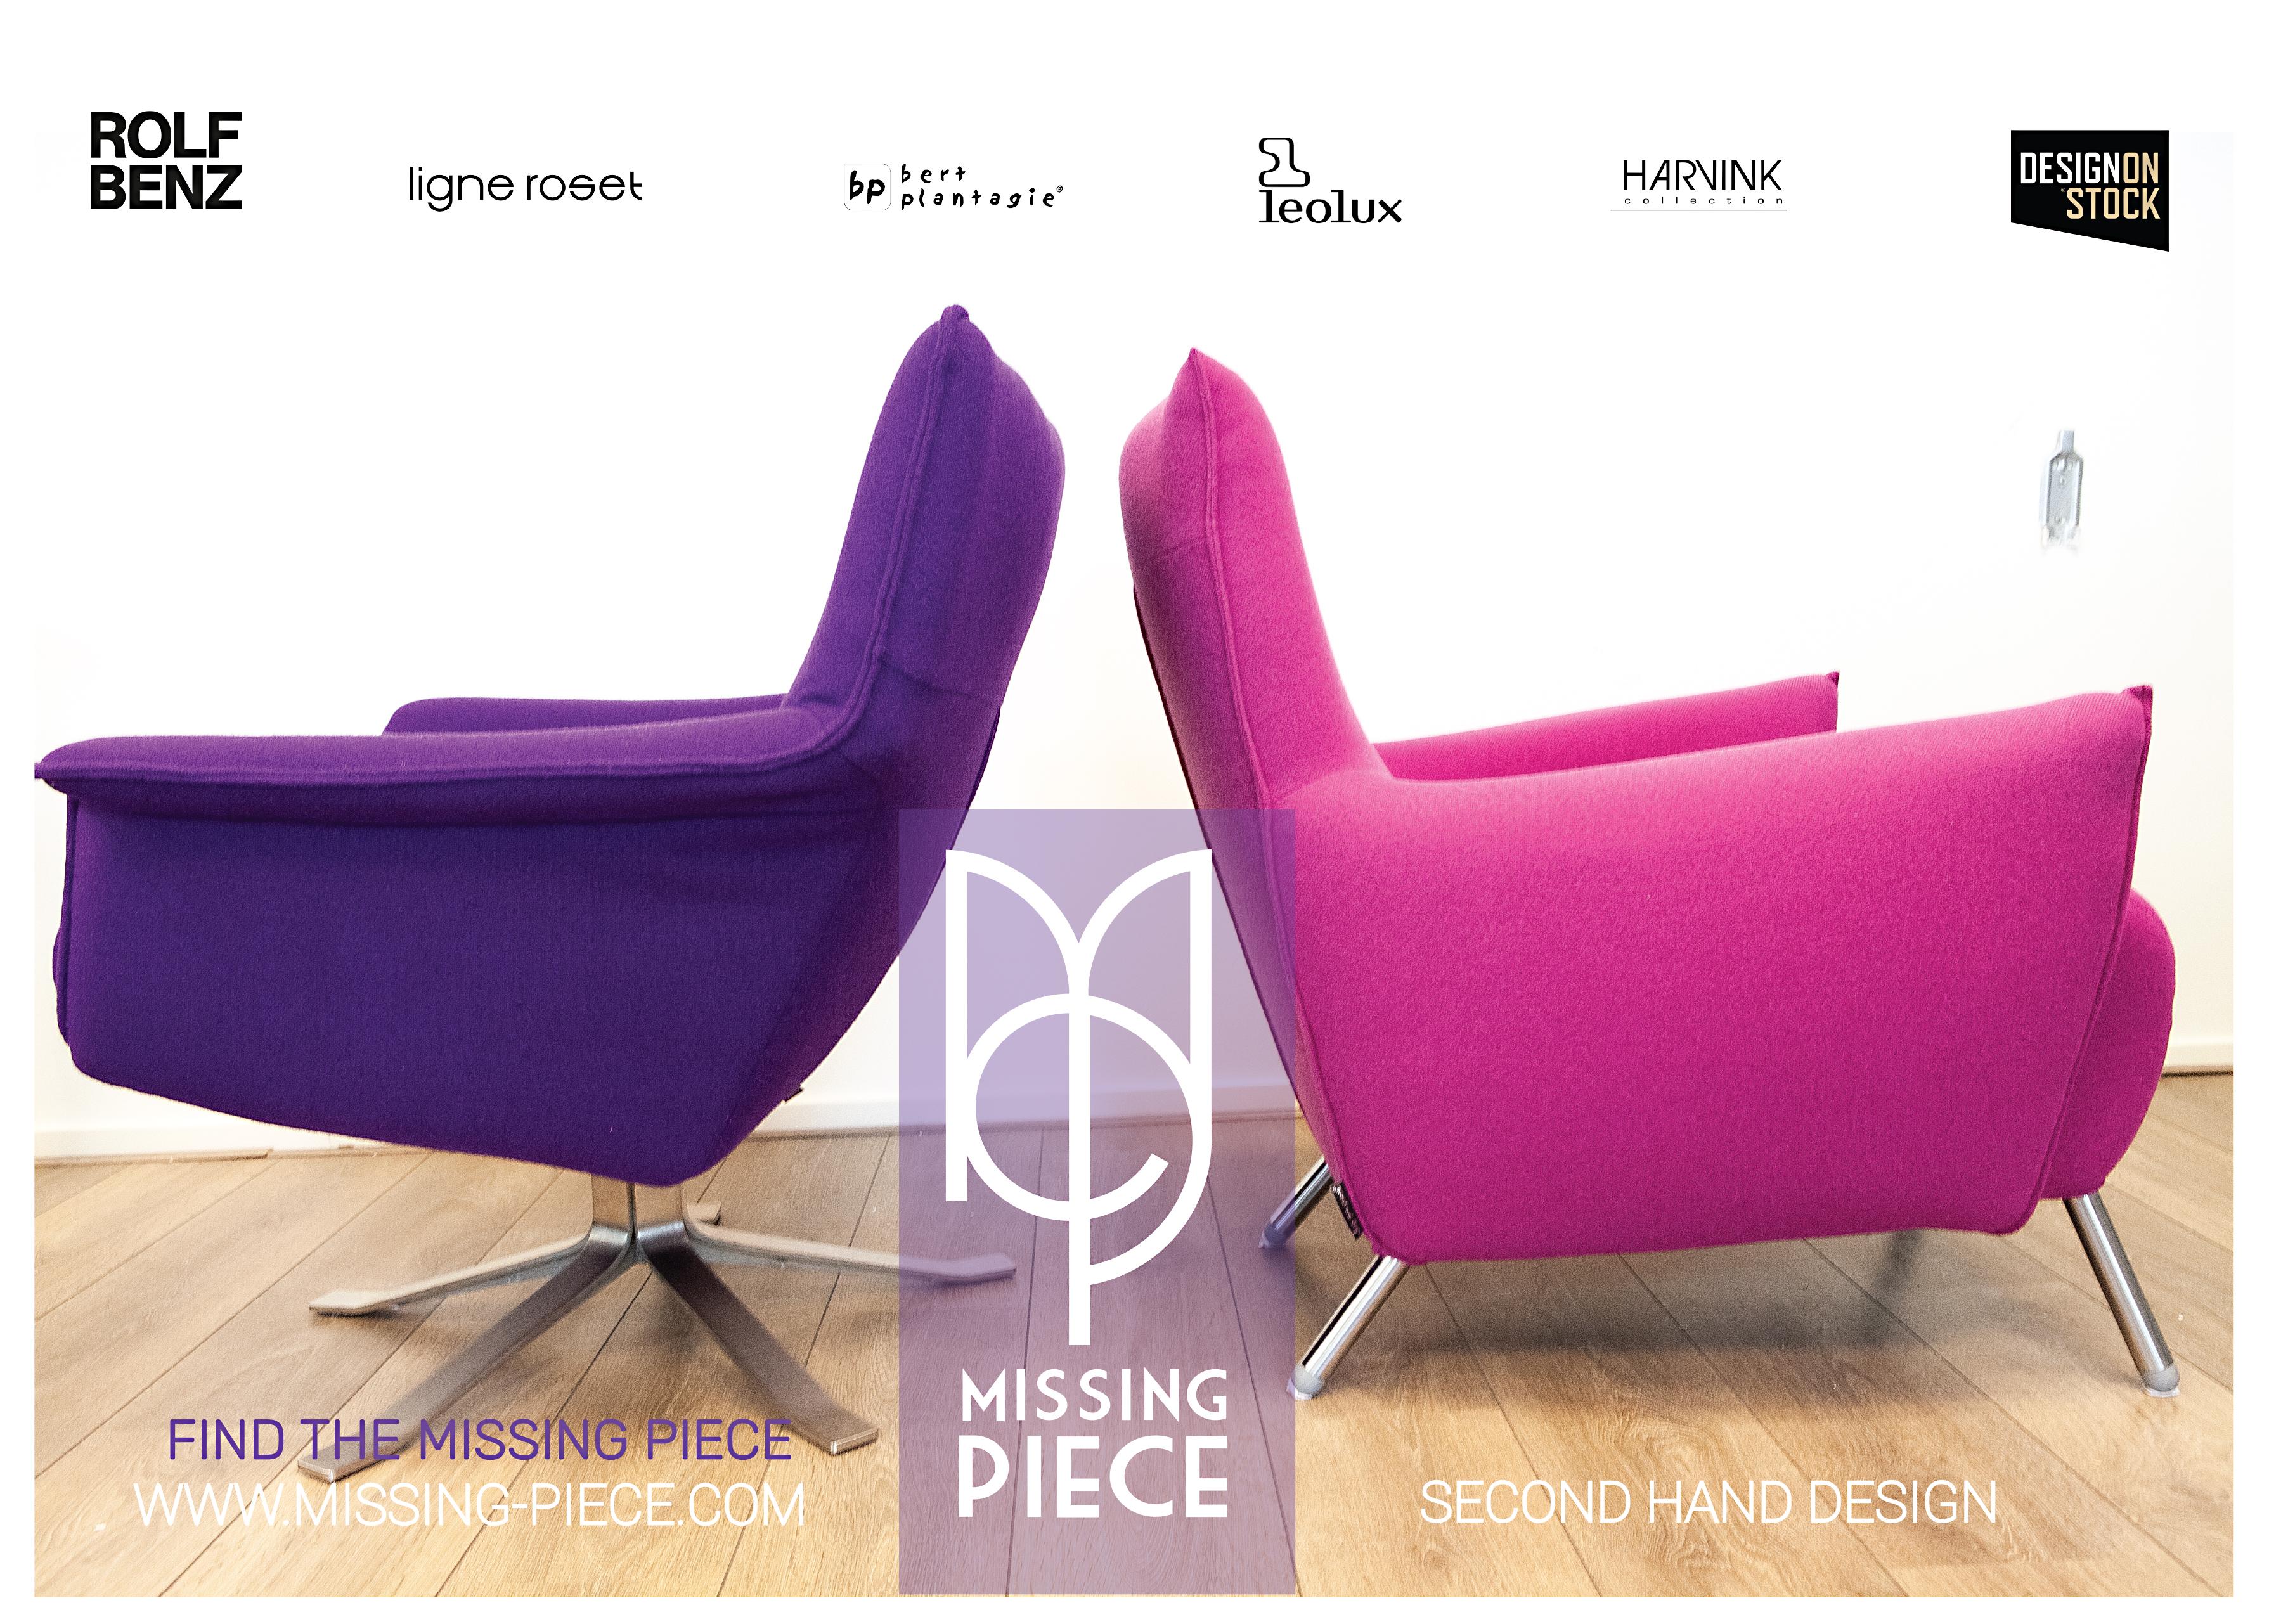 Design Fauteuils Harvink.Welkom Bij De Missing Piece Unieke Designmeubels En